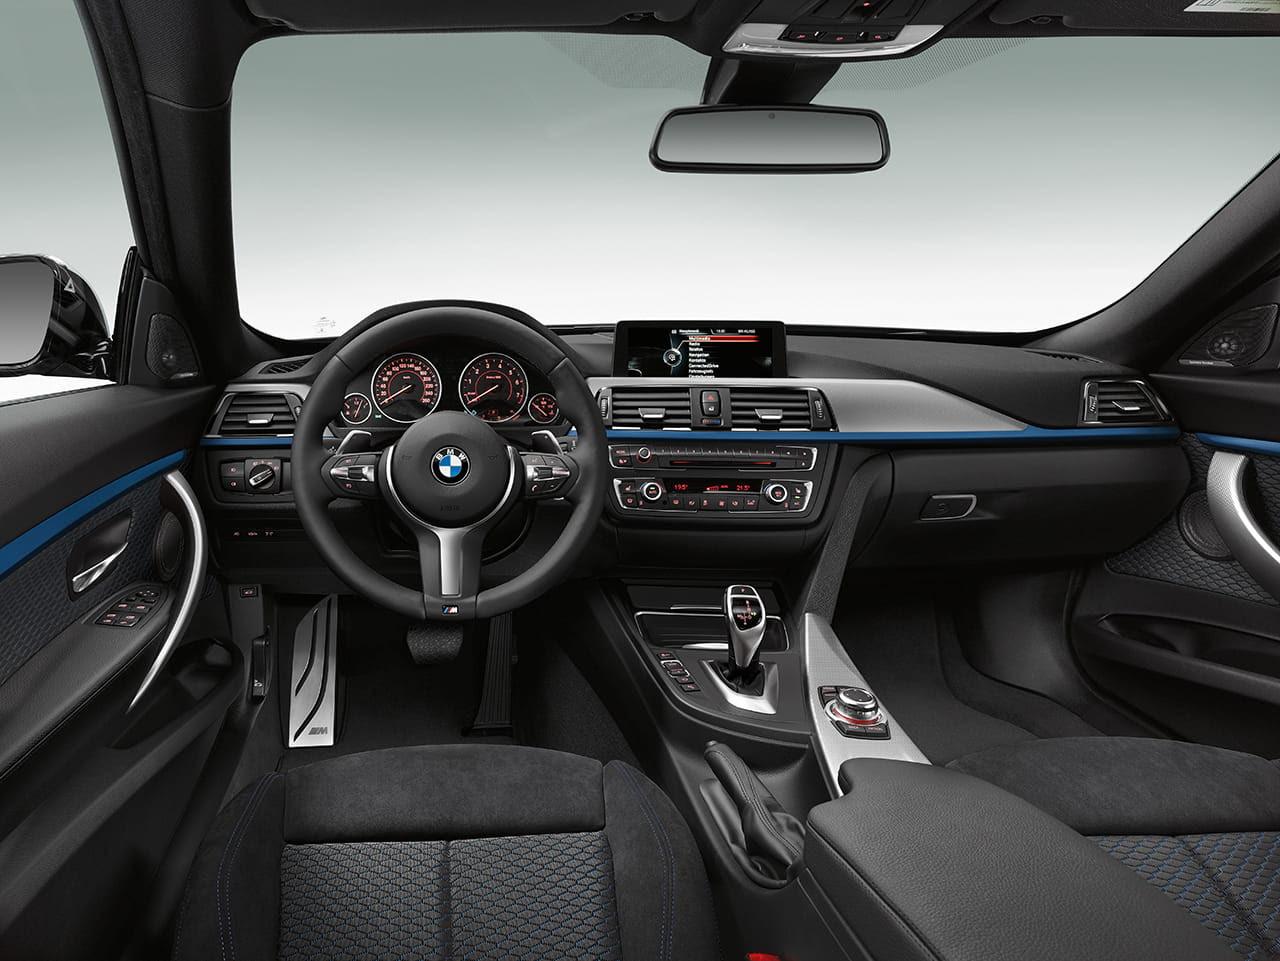 BMW Serie 3 Gran Turismo: todos los detalles. Foto 18 de 29.